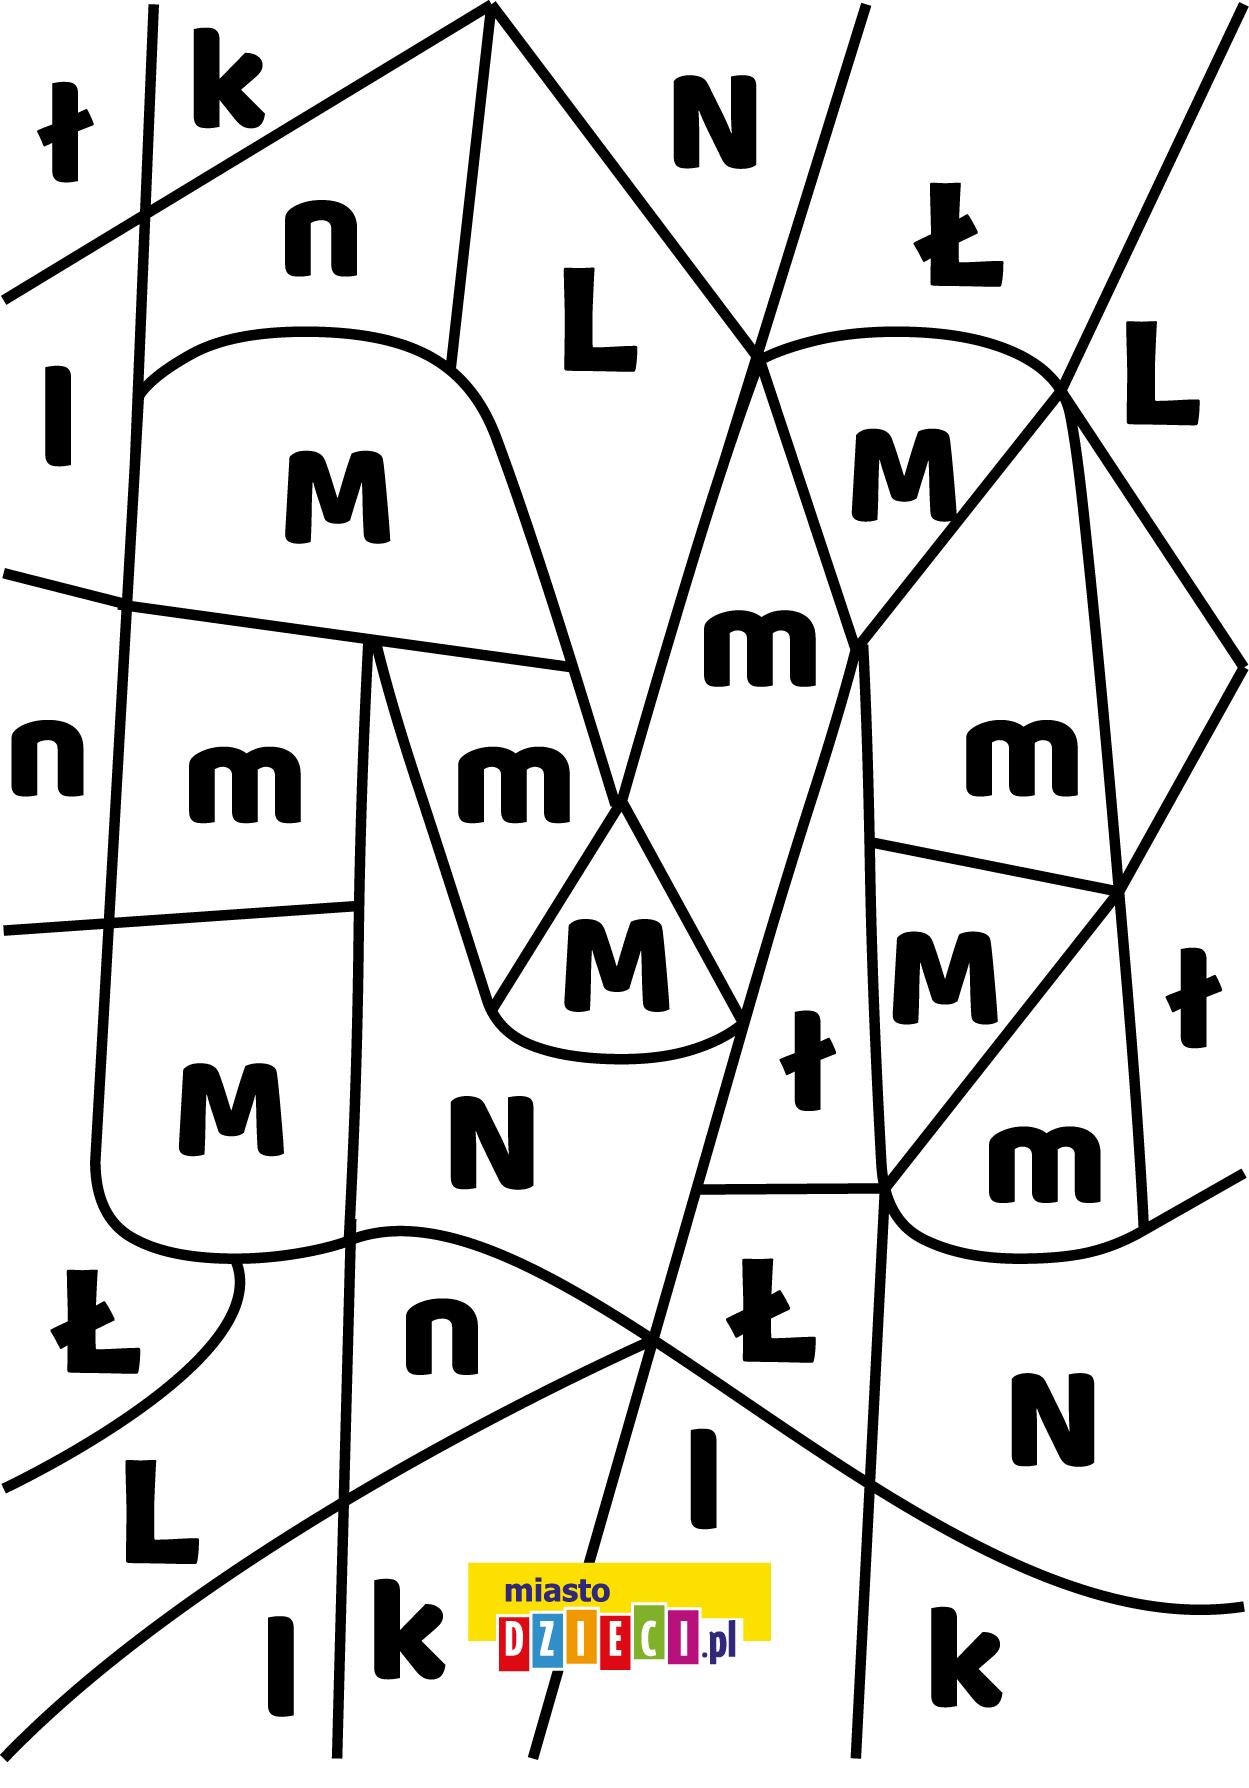 litera M - ukryte litery do nauki czytania kolorowanki i szablony do druku dla dzieci MiastoDzieci.pl